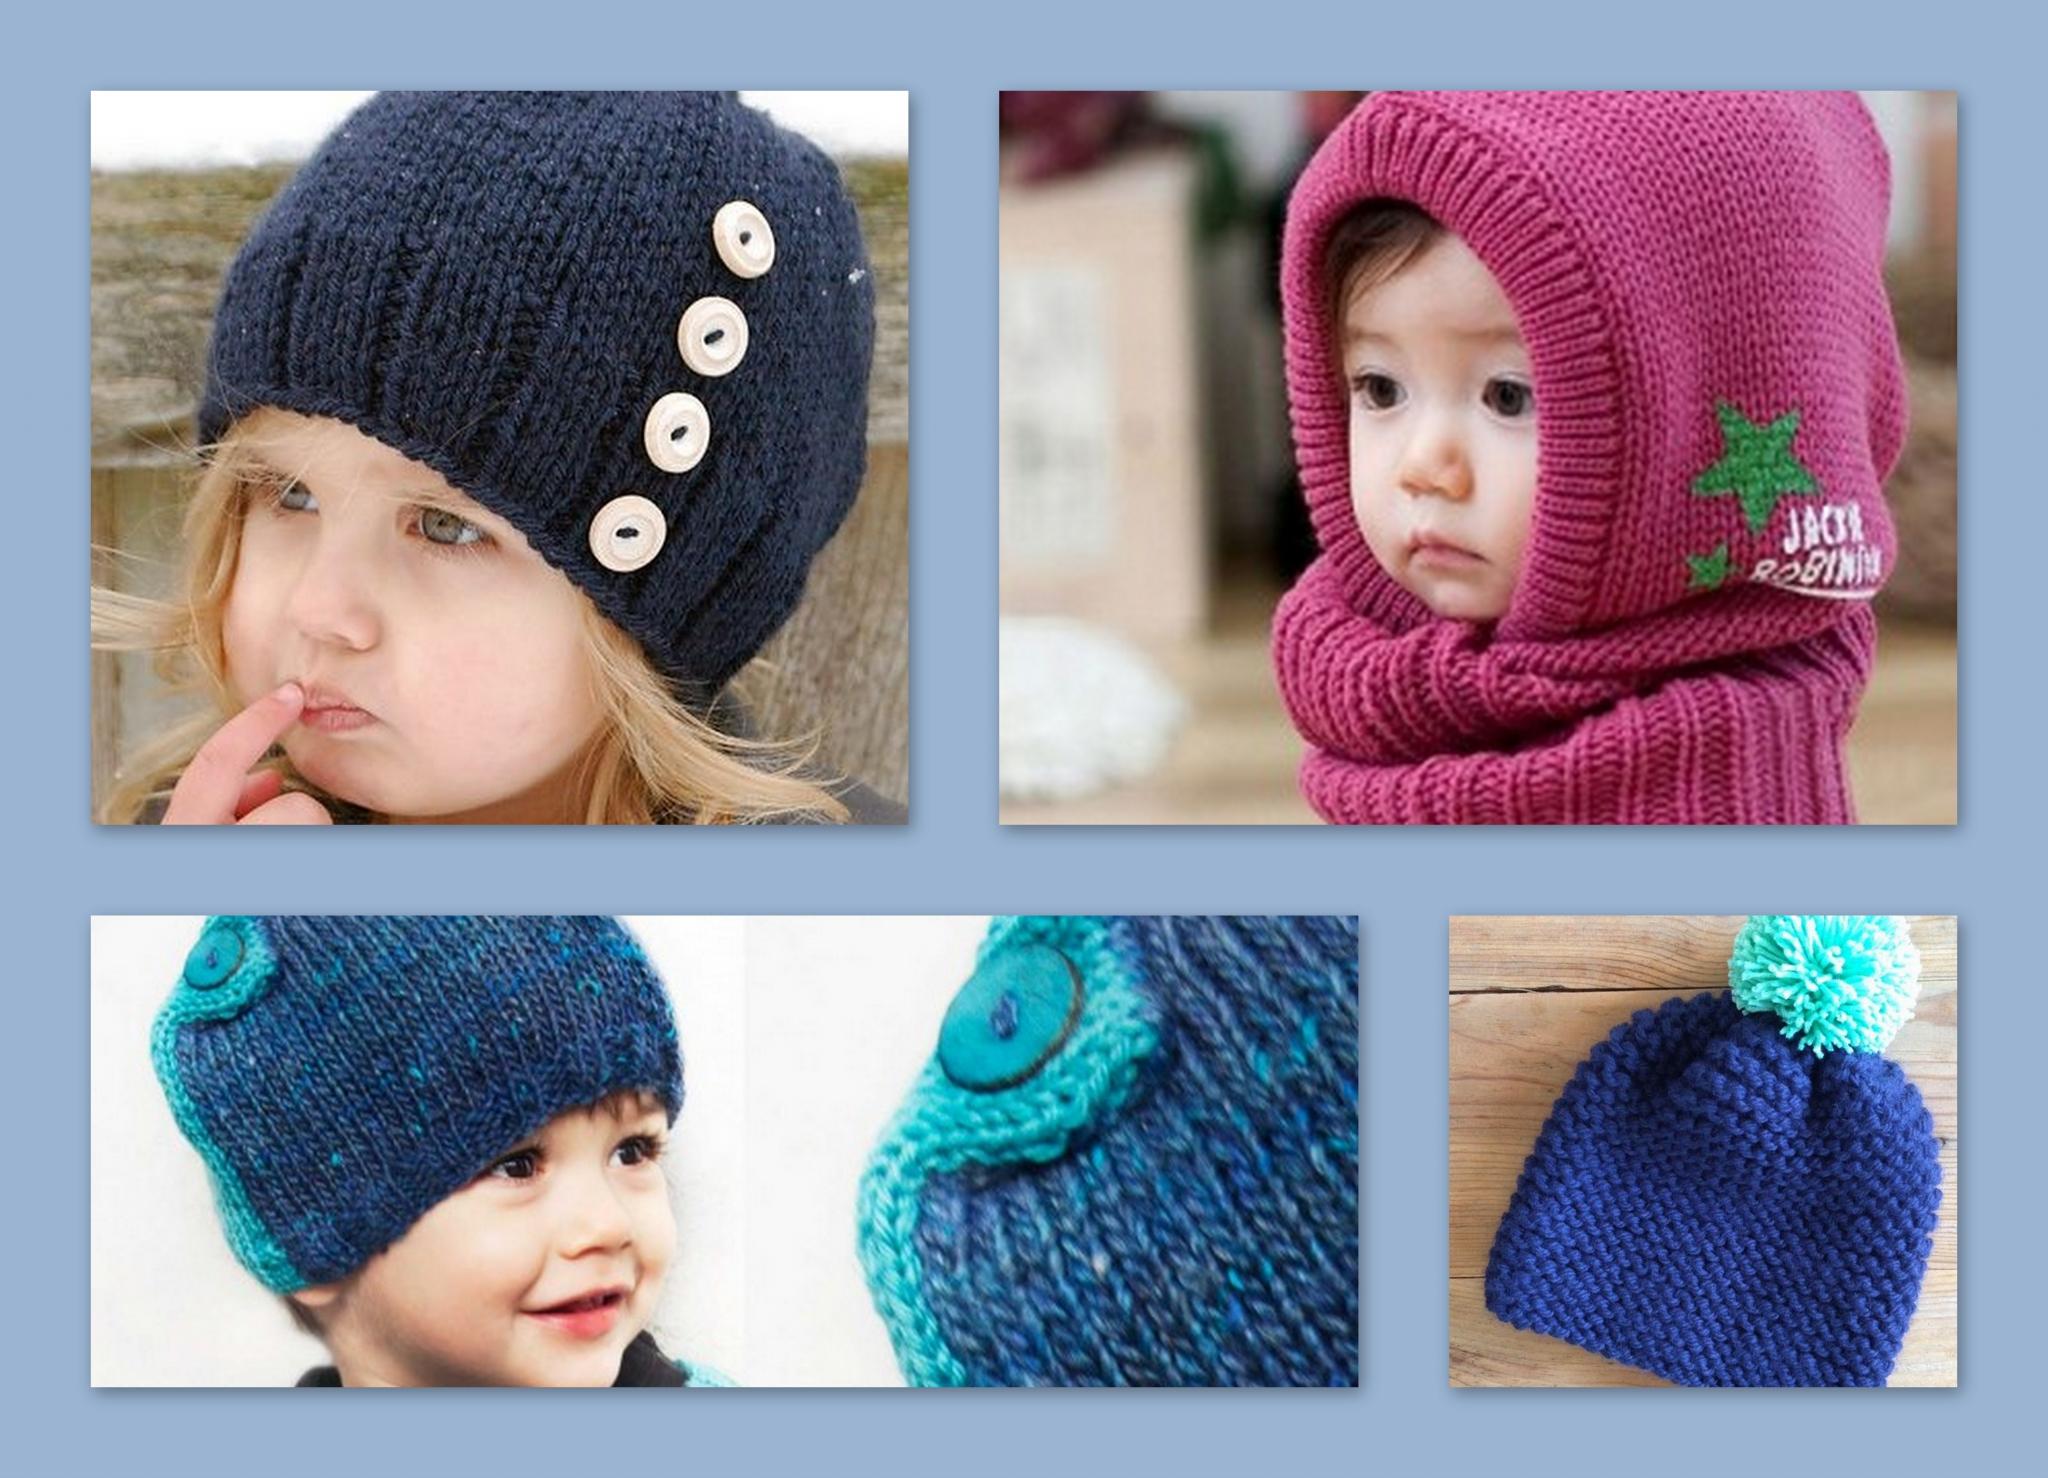 Le tricot chez les jeunes - Apprendre tricoter pour un